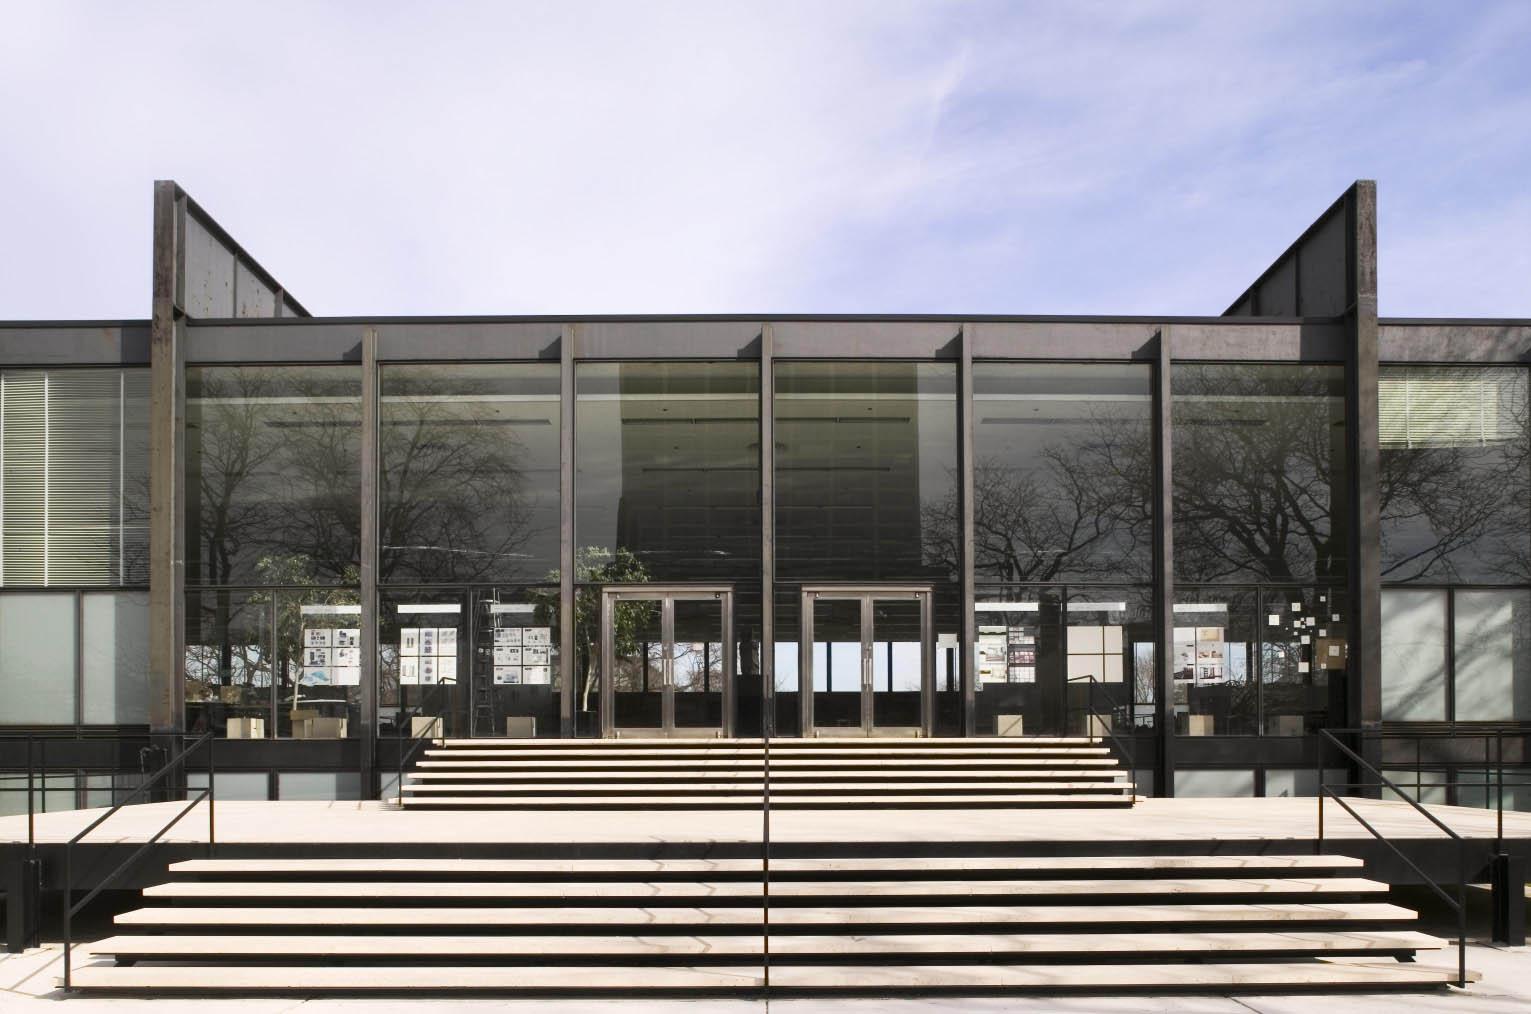 Ludwig Mies van der Rohe buildings